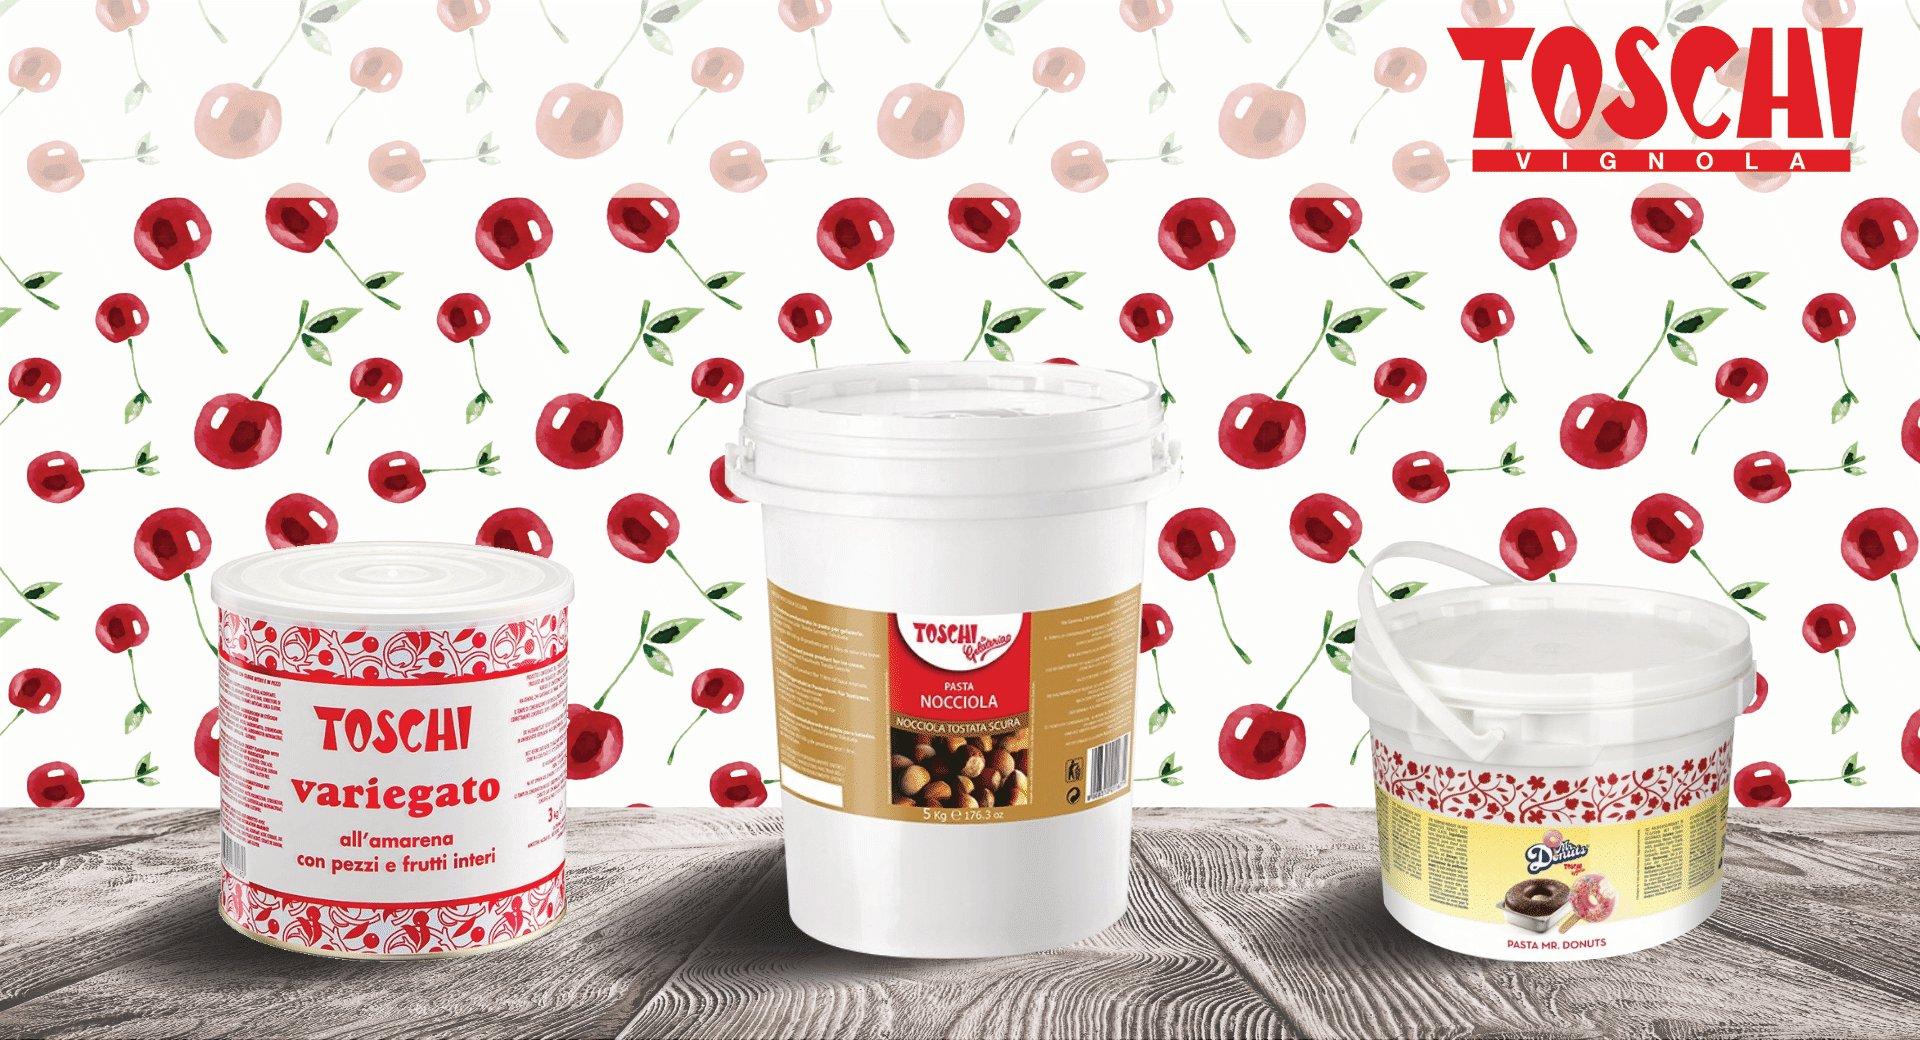 Festeggia con i prodotti Toschi in promozione su Gelq.it